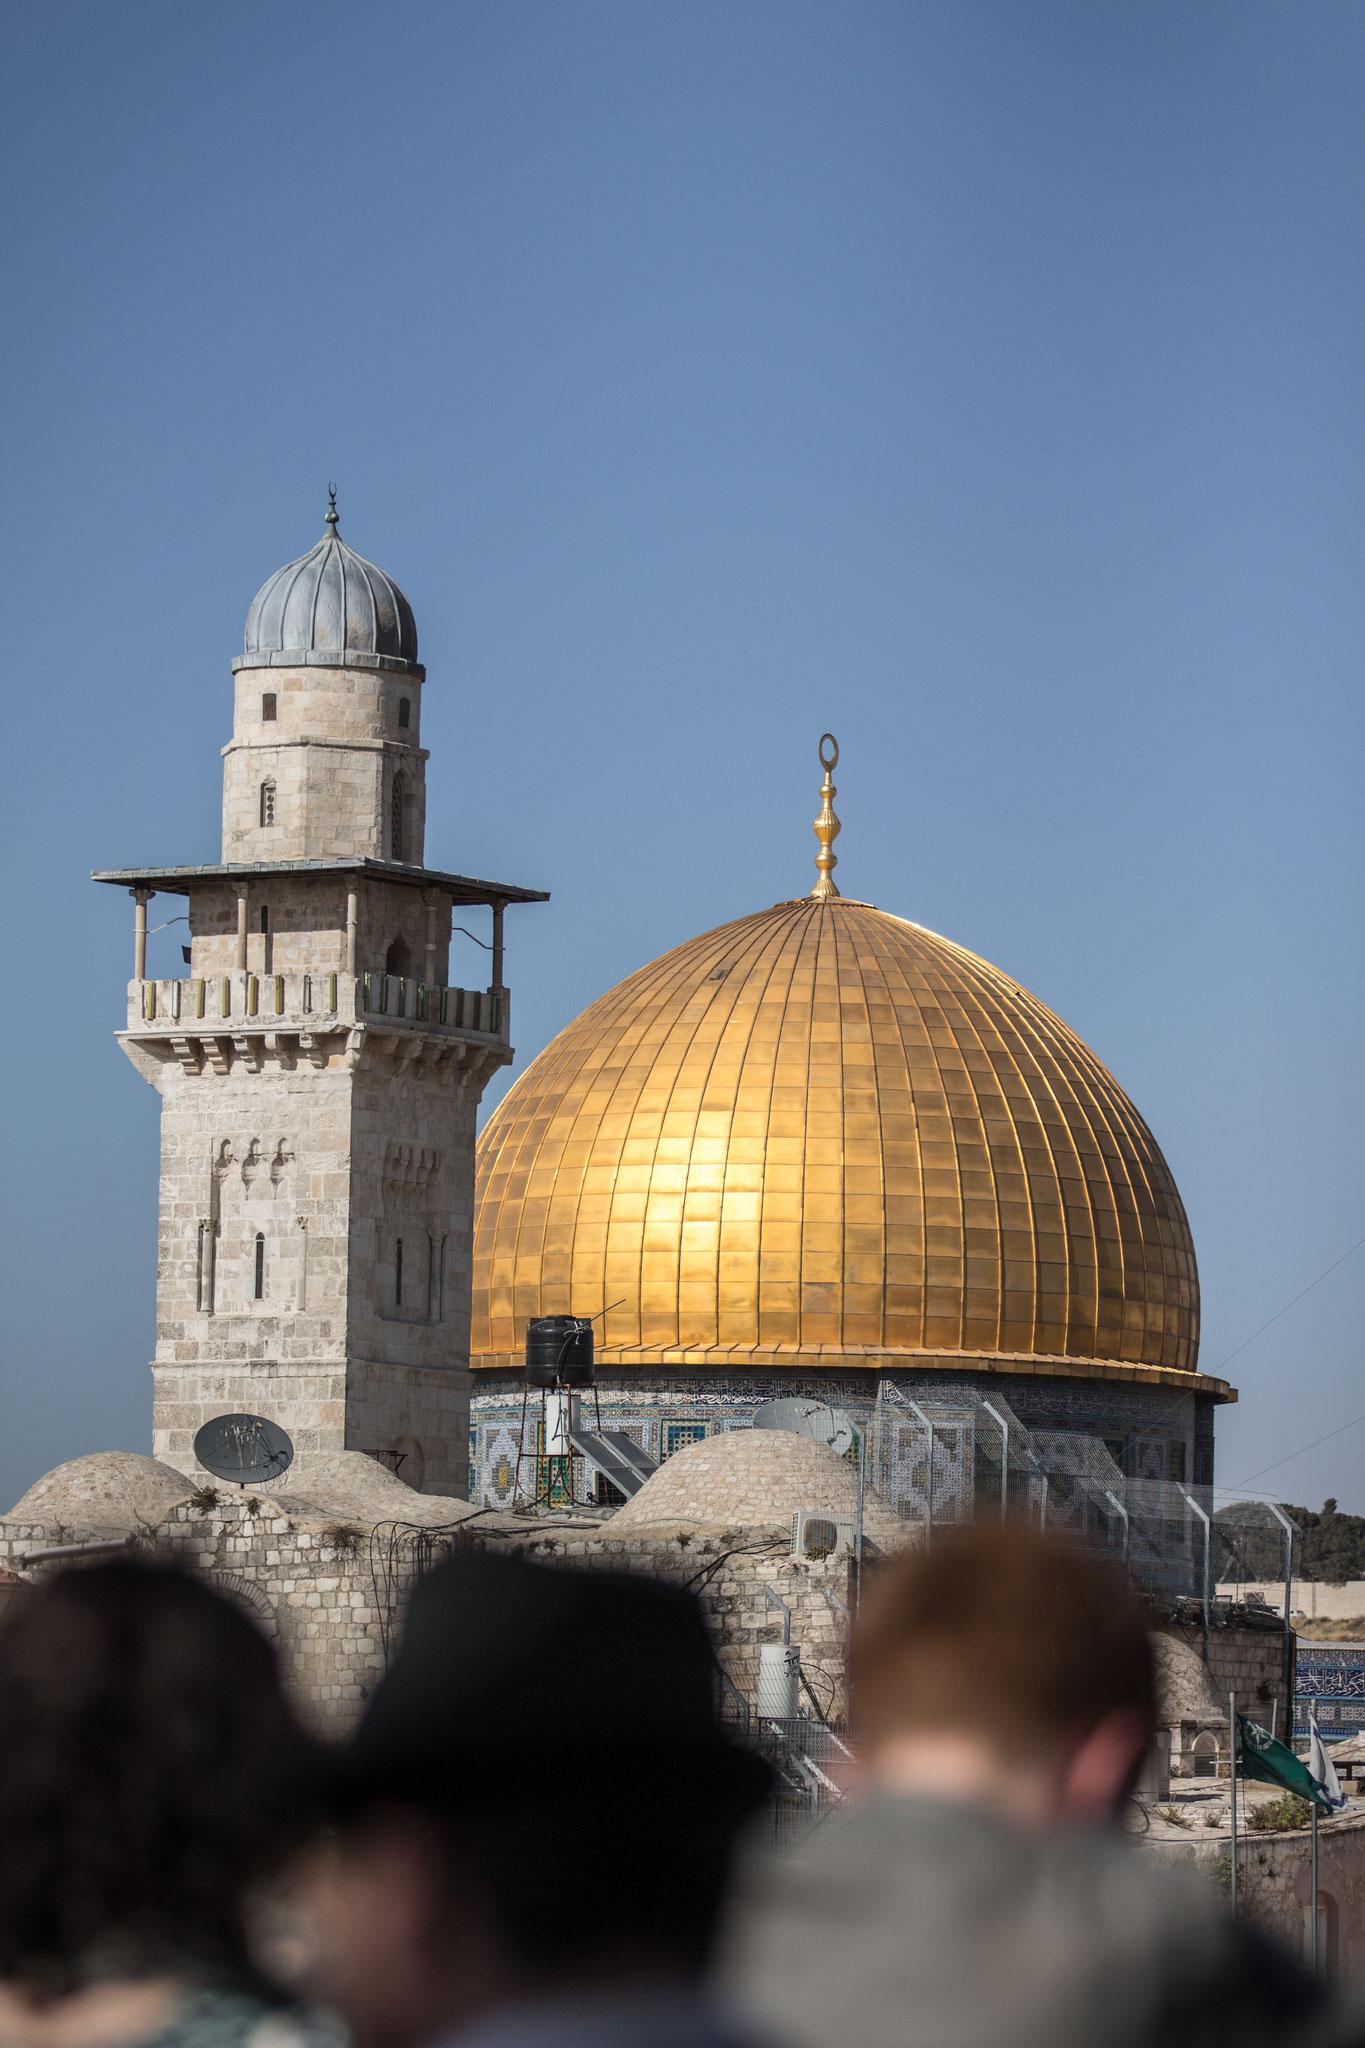 Jerusalem. May 2017.